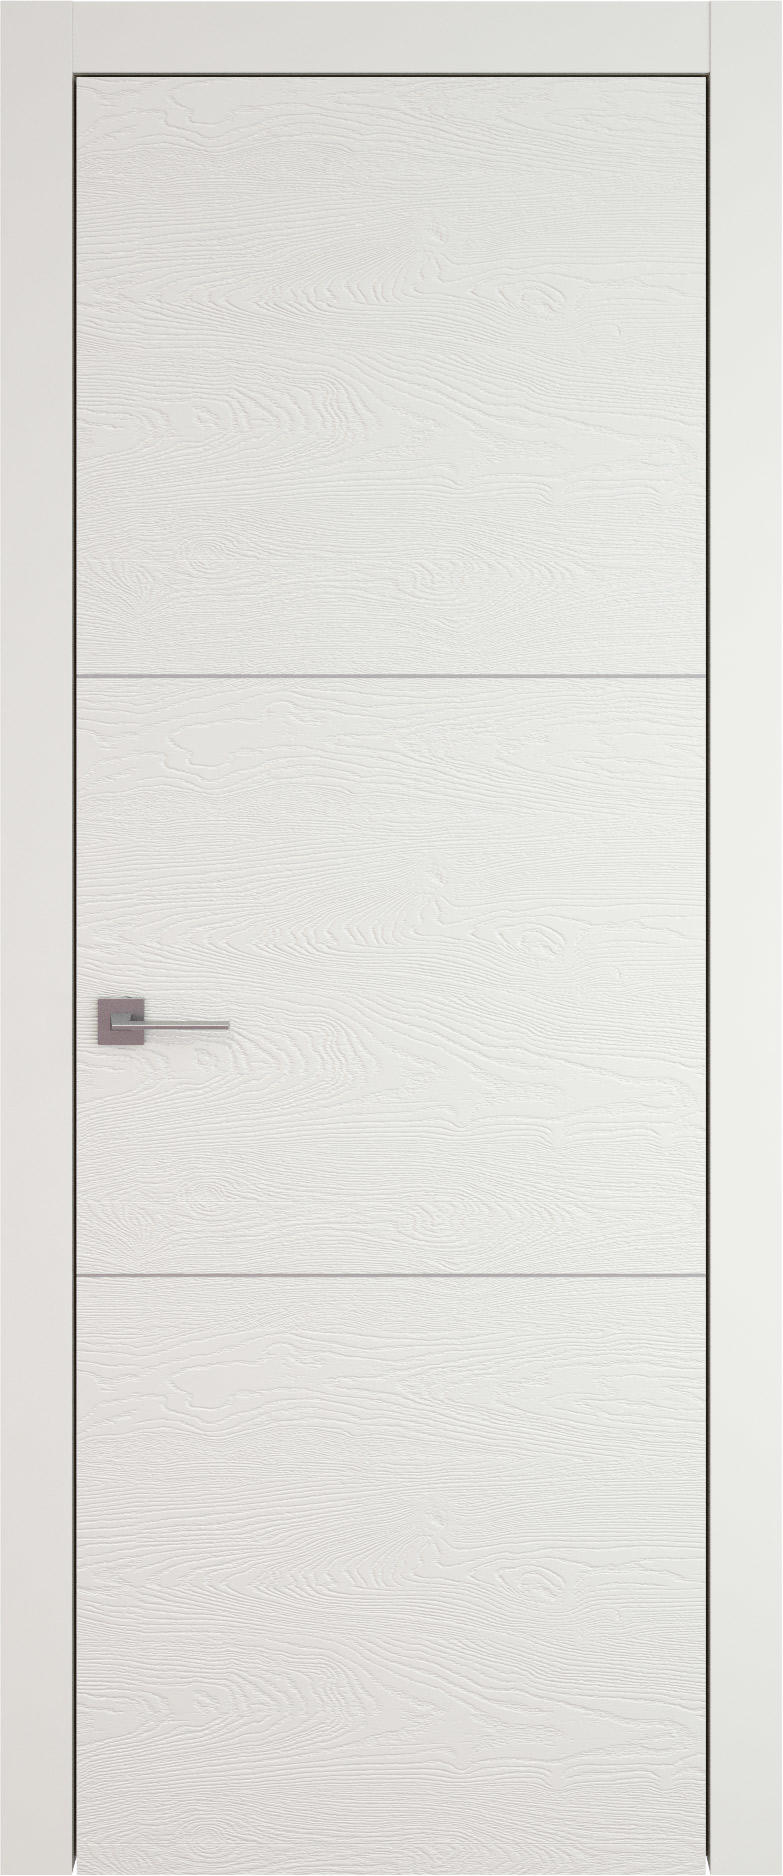 Tivoli В-3 цвет - Бежевая эмаль по шпону (RAL 9010) Без стекла (ДГ)